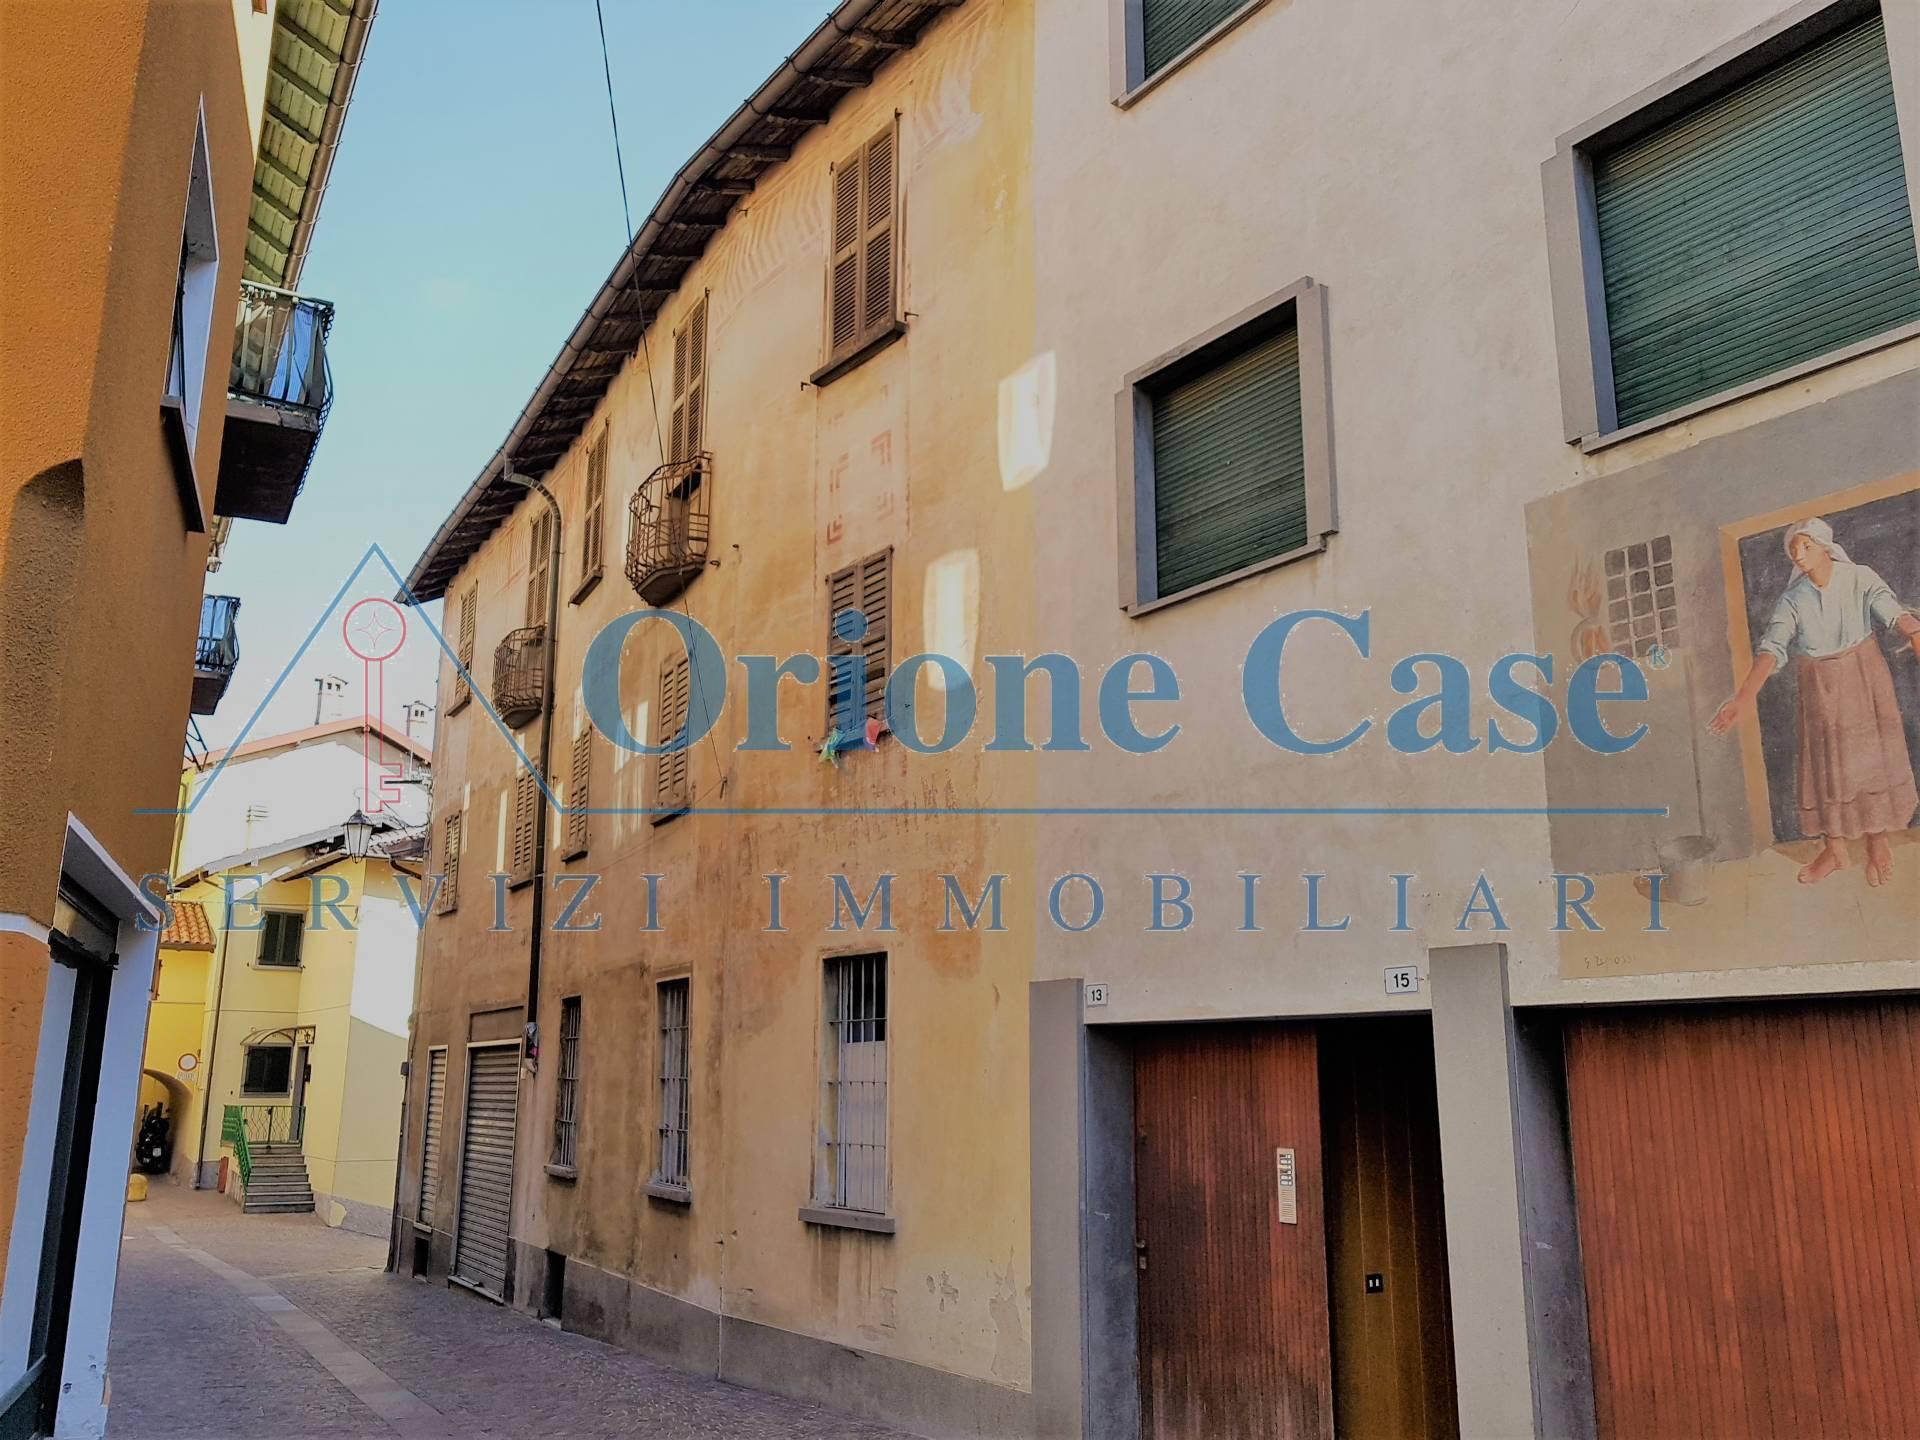 Soluzione Semindipendente in vendita a Marchirolo, 11 locali, zona Località: centrale, prezzo € 150.000 | PortaleAgenzieImmobiliari.it